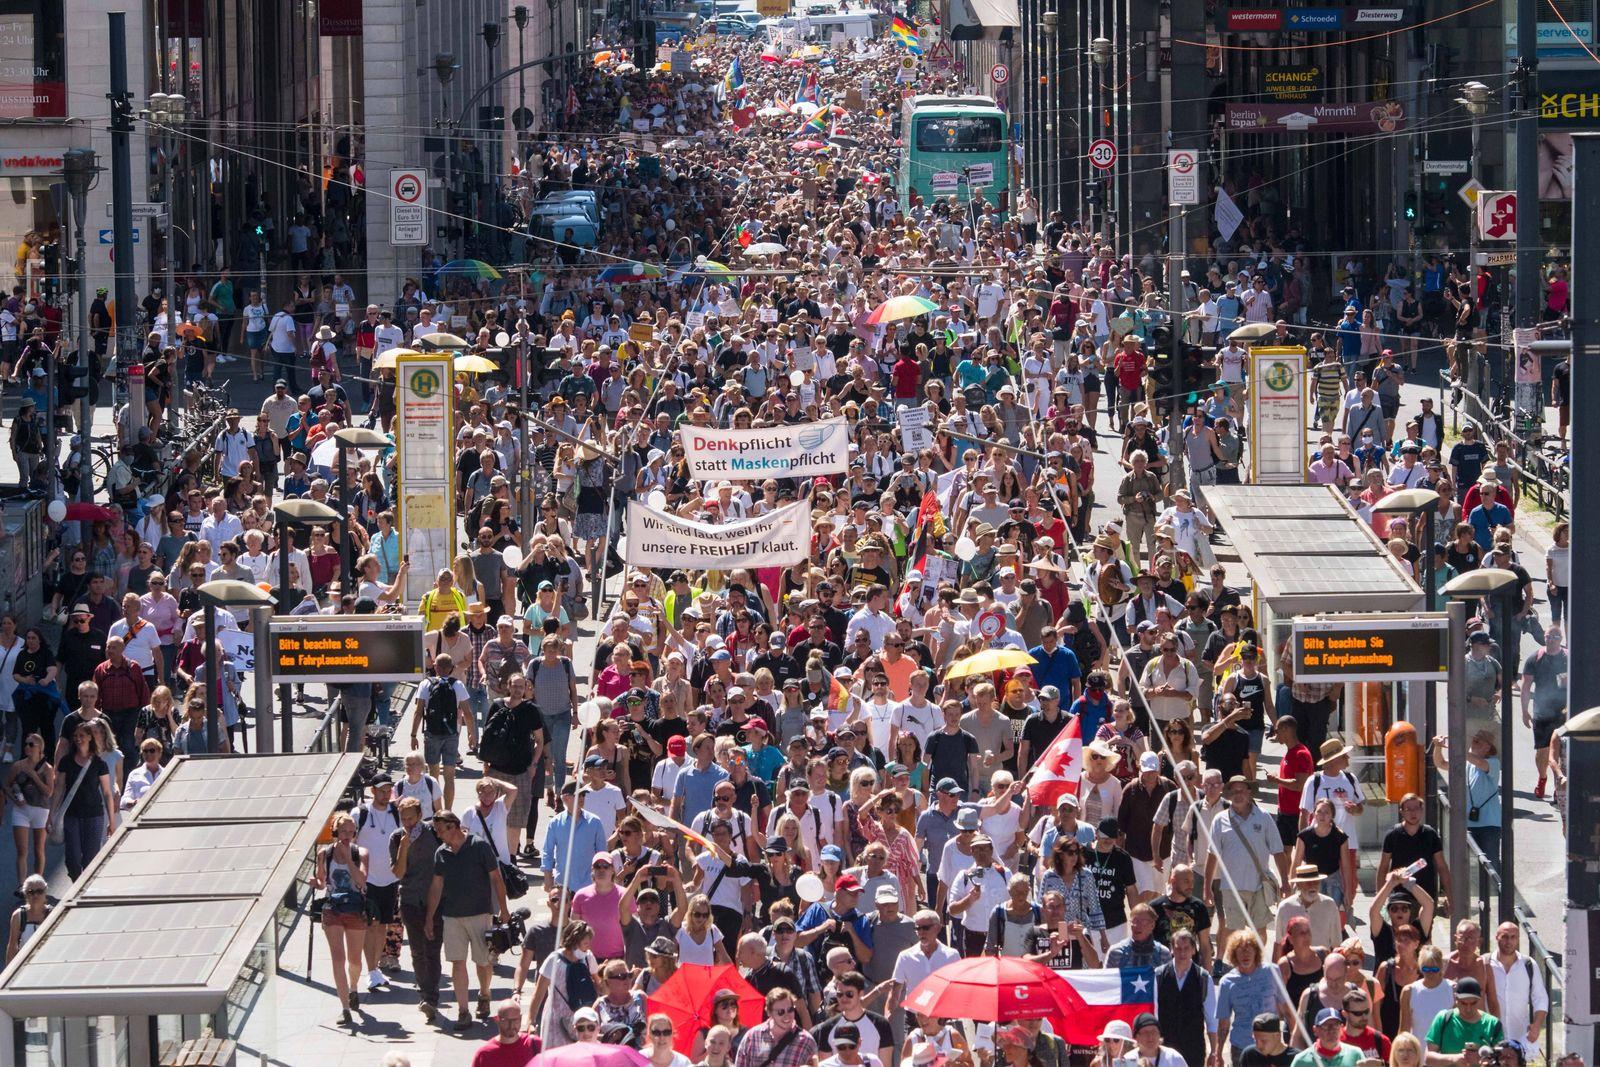 Berlin, Anti-Corona-Protest Deutschland, Berlin - 01.08.2020: Im Bild ist der Anfang des Anti-Corona-Protest auf der Fr